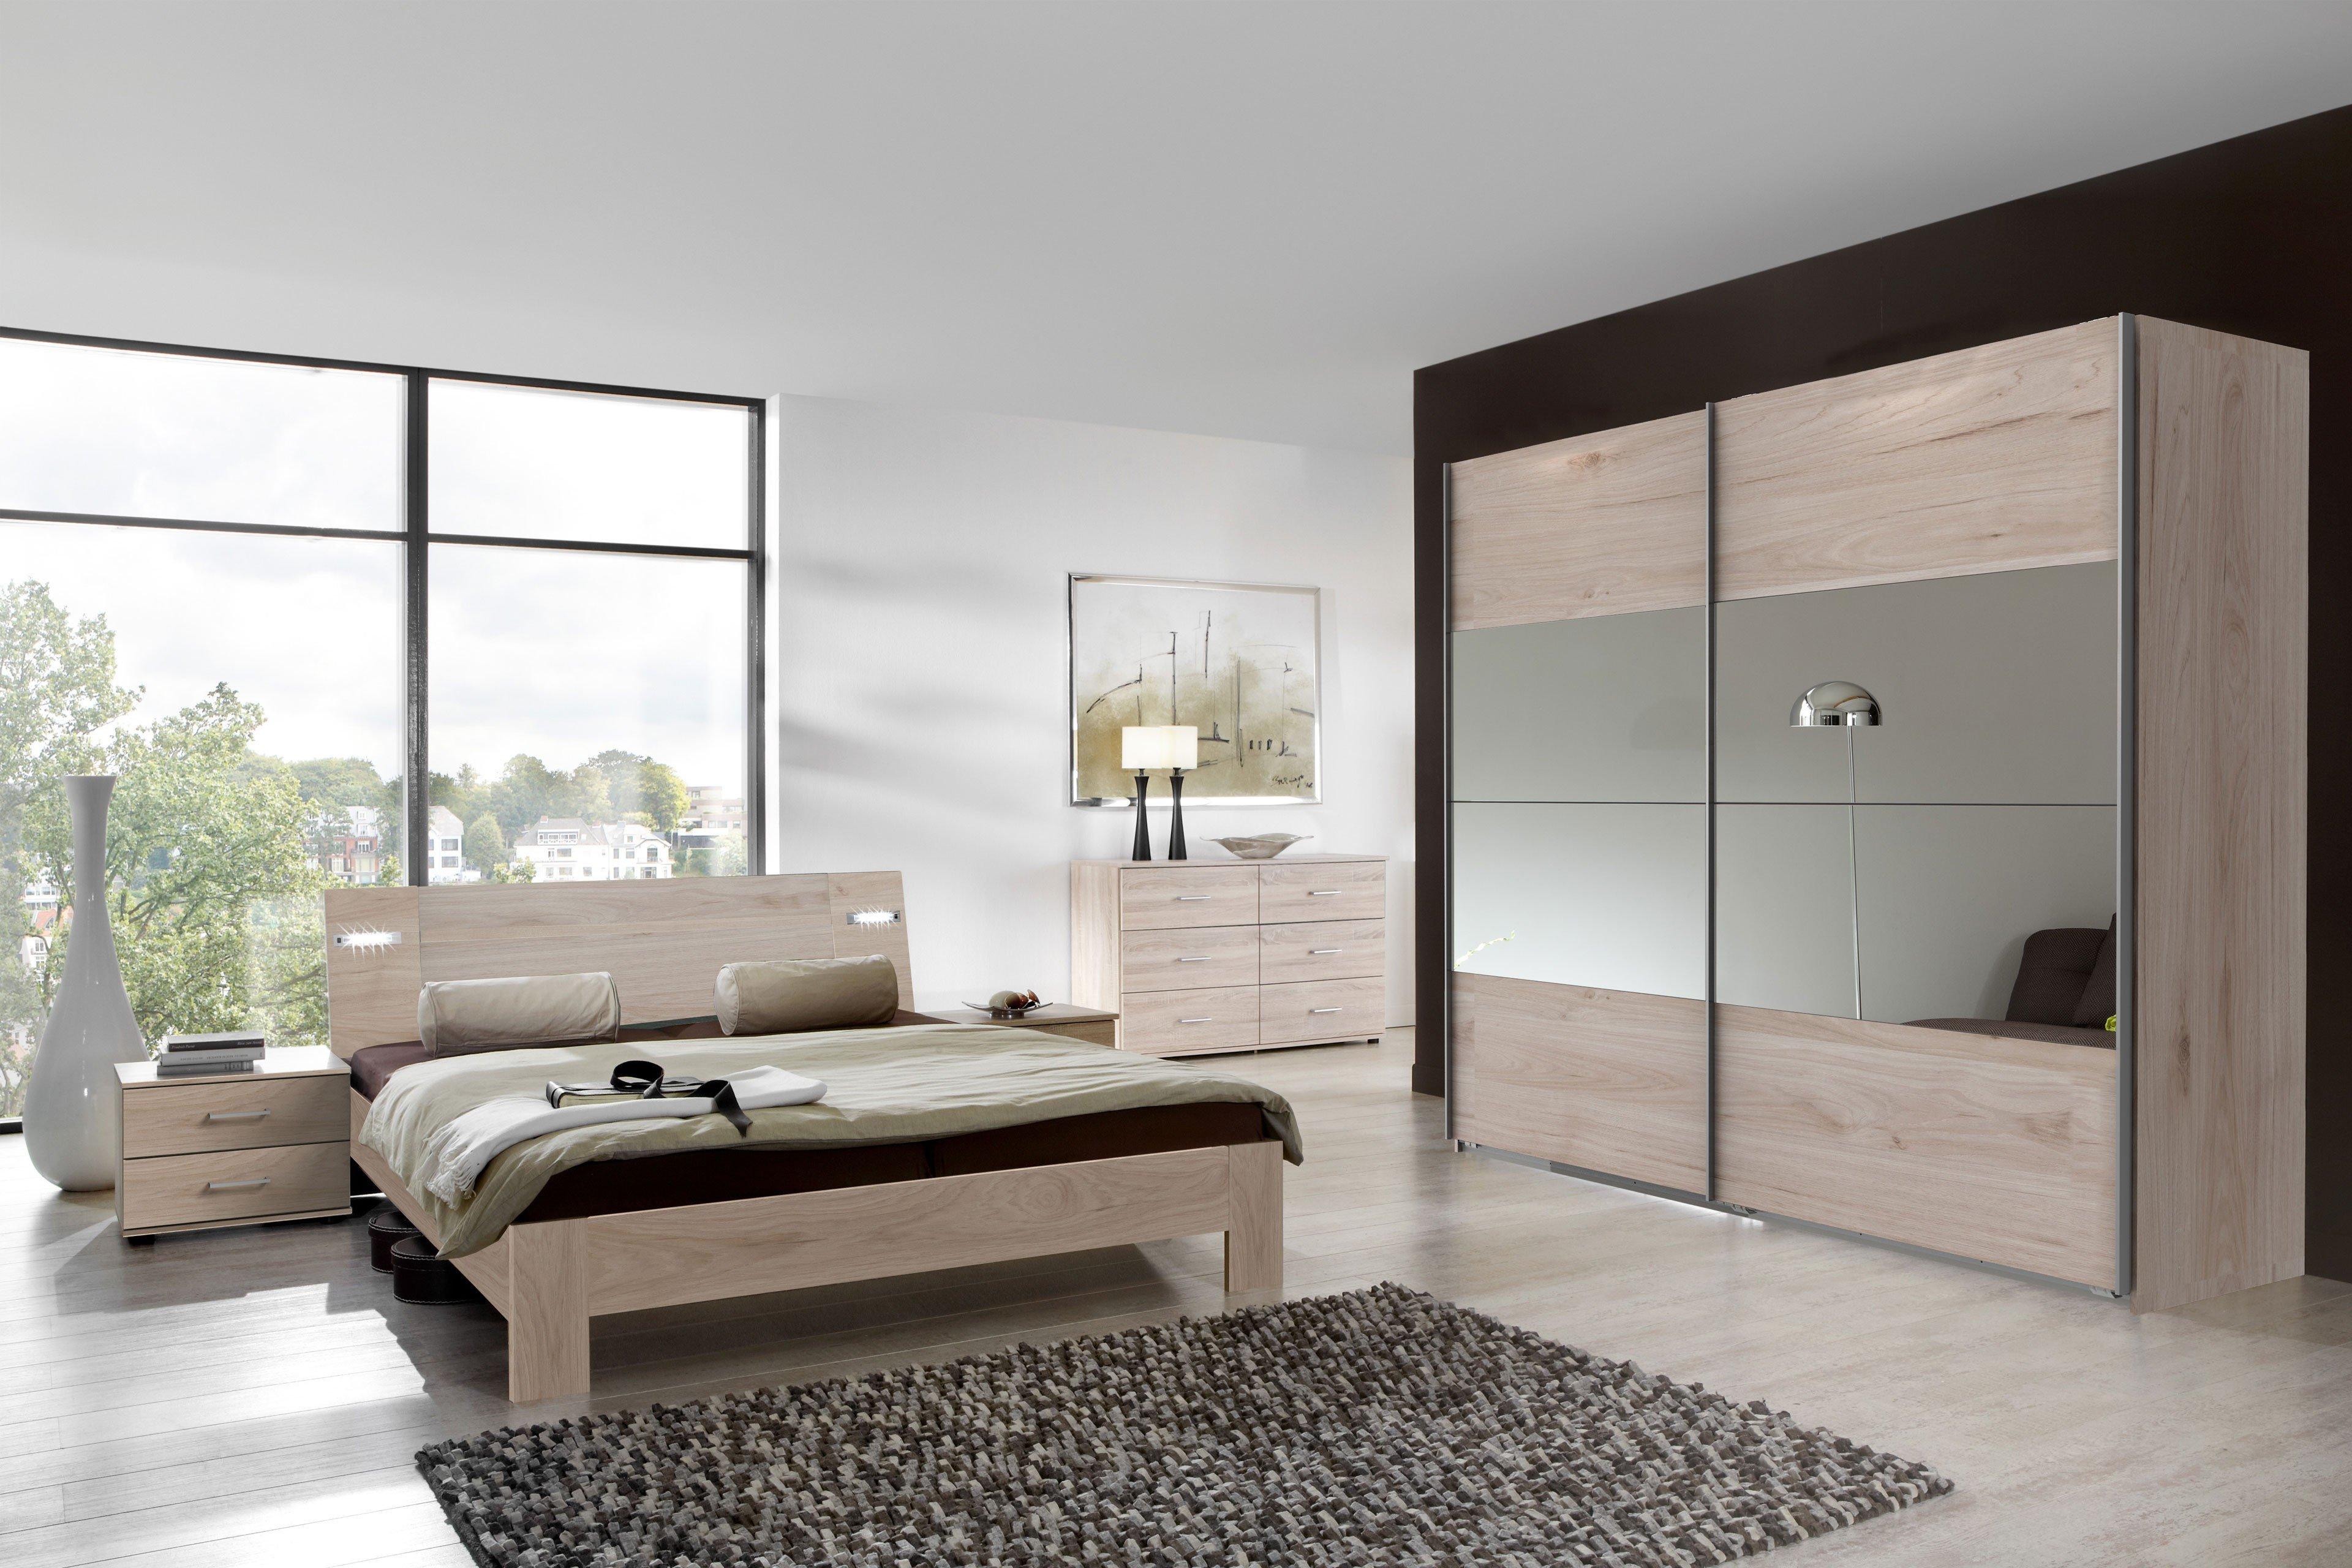 Neapel von wimex 4 teiliges schlafzimmer set hickory oak